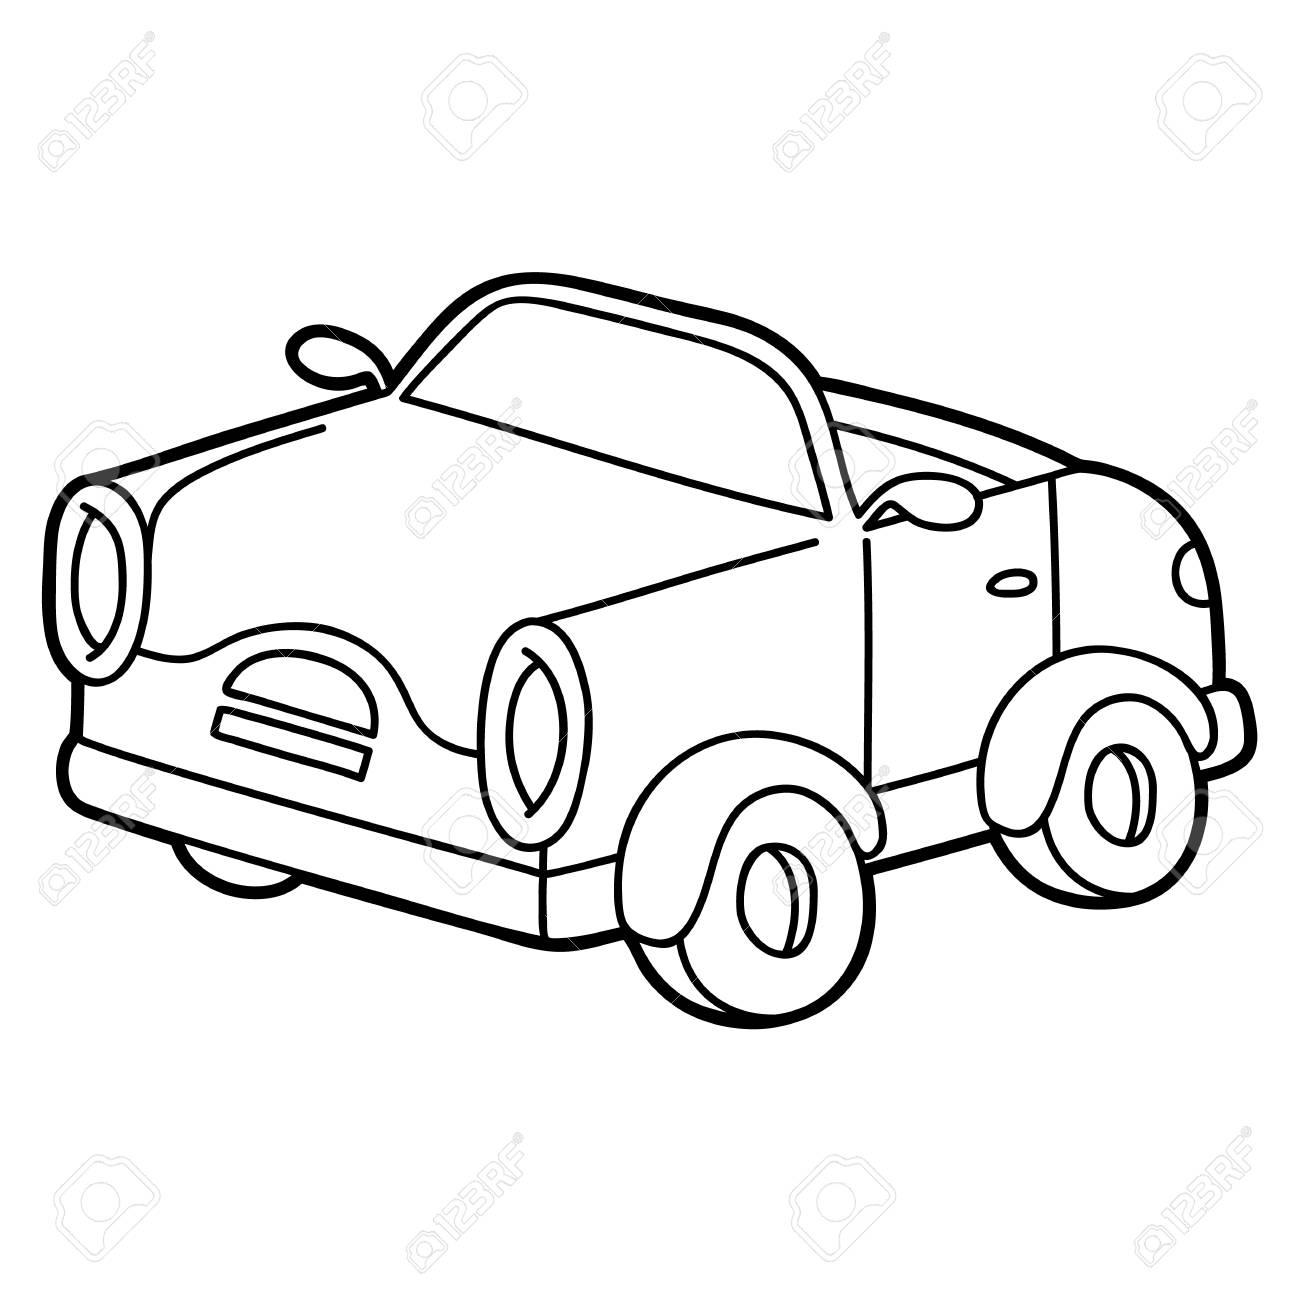 Retro Auto Fur Kinder Malvorlagen Lizenzfrei Nutzbare